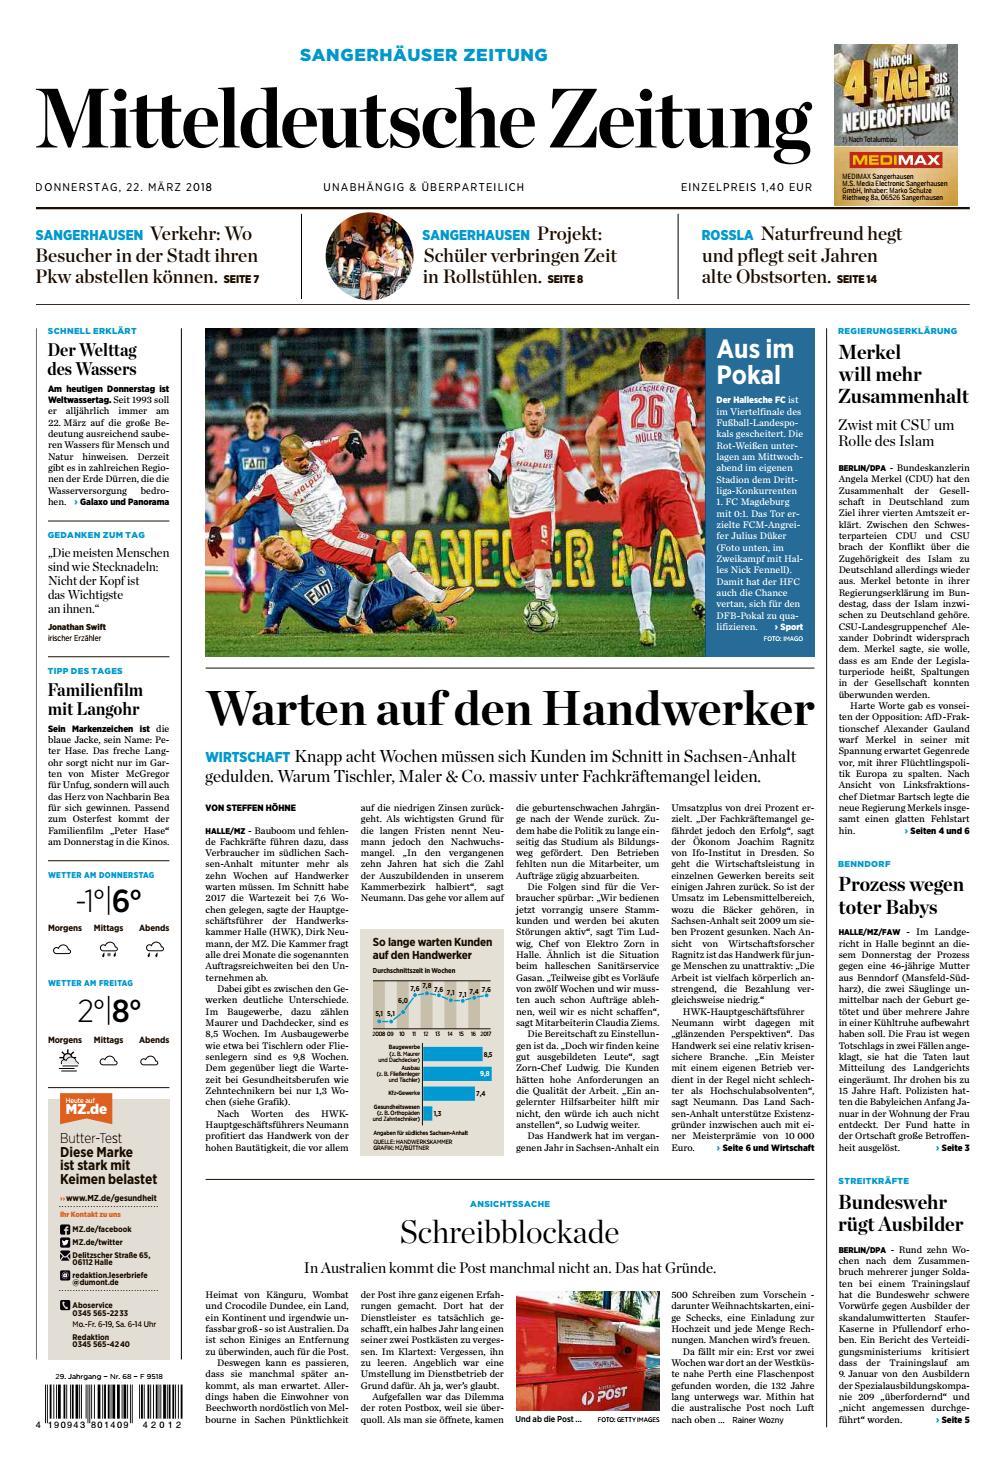 Sangerhäuser Zeitung Ausgabe 22.03.2018 by Mediengruppe